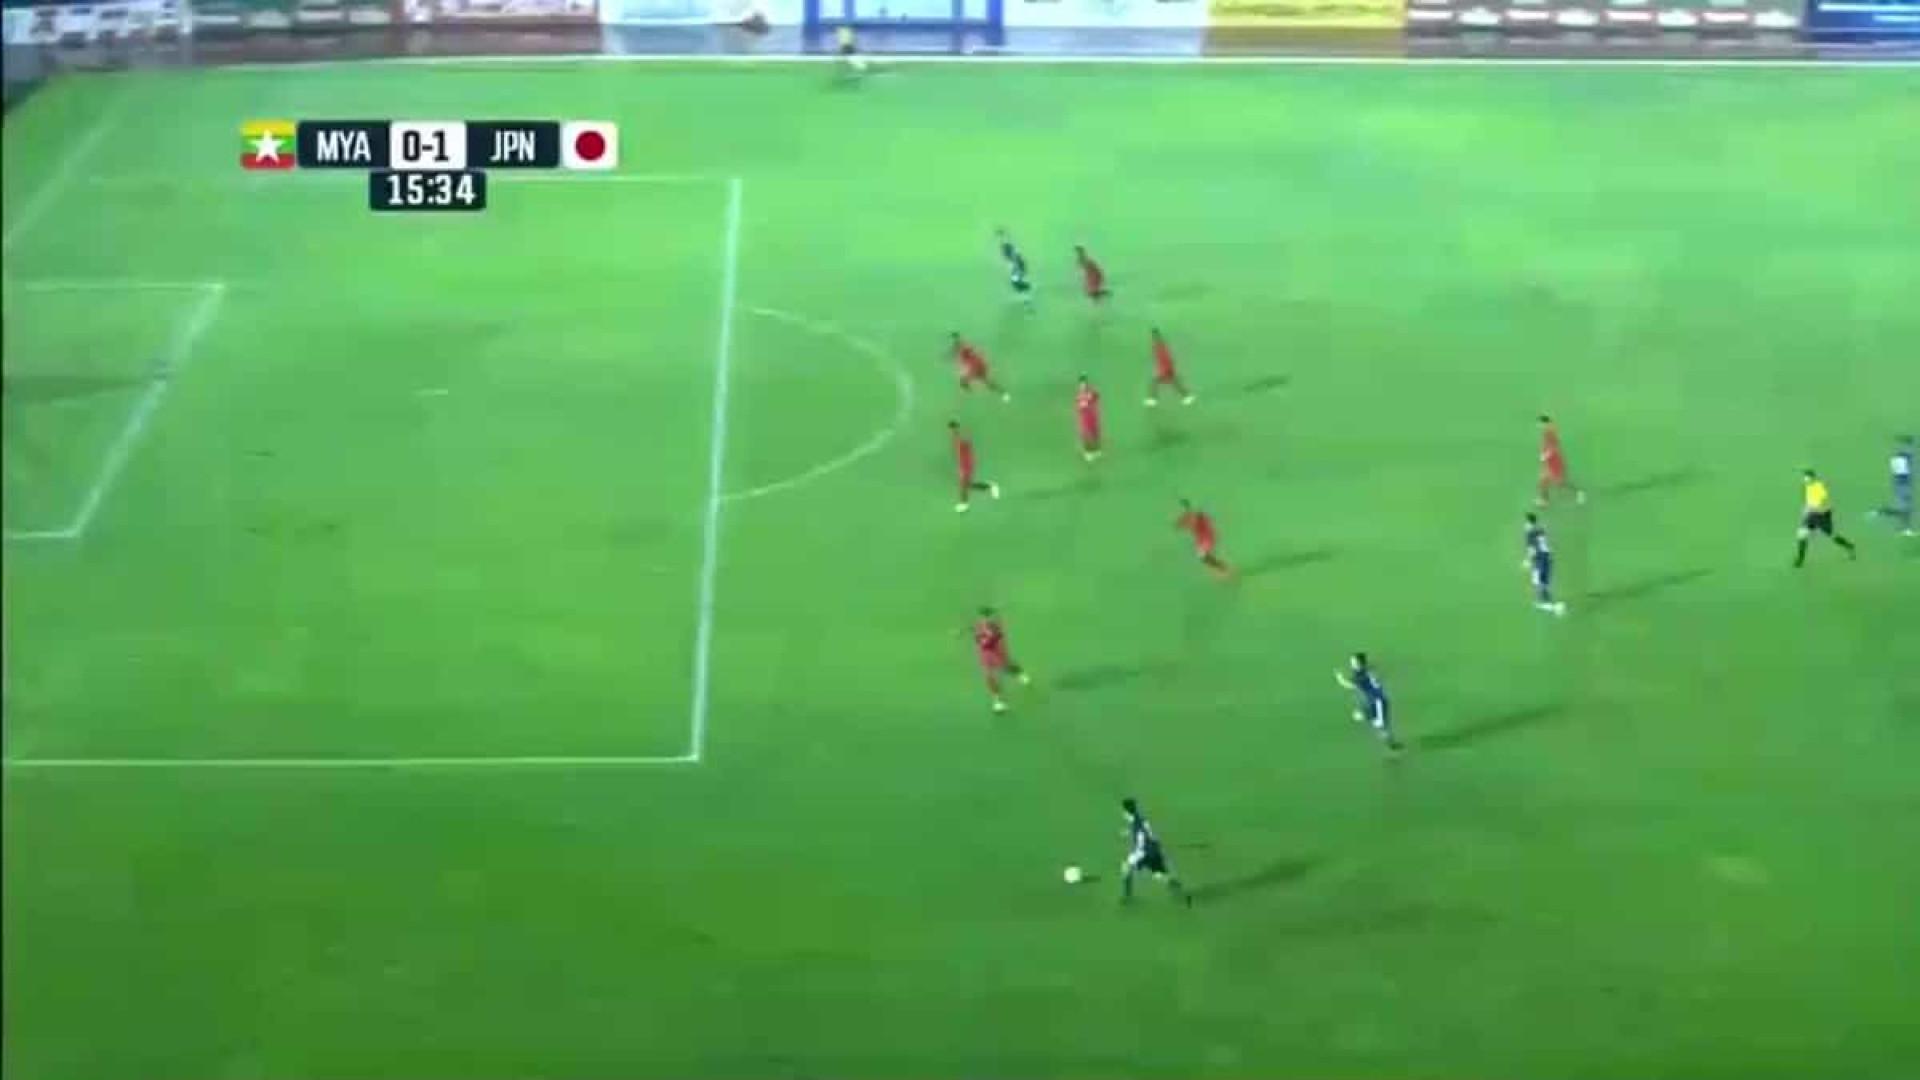 Nakajima volta a impressionar ao marcar golaço com a seleção do Japão